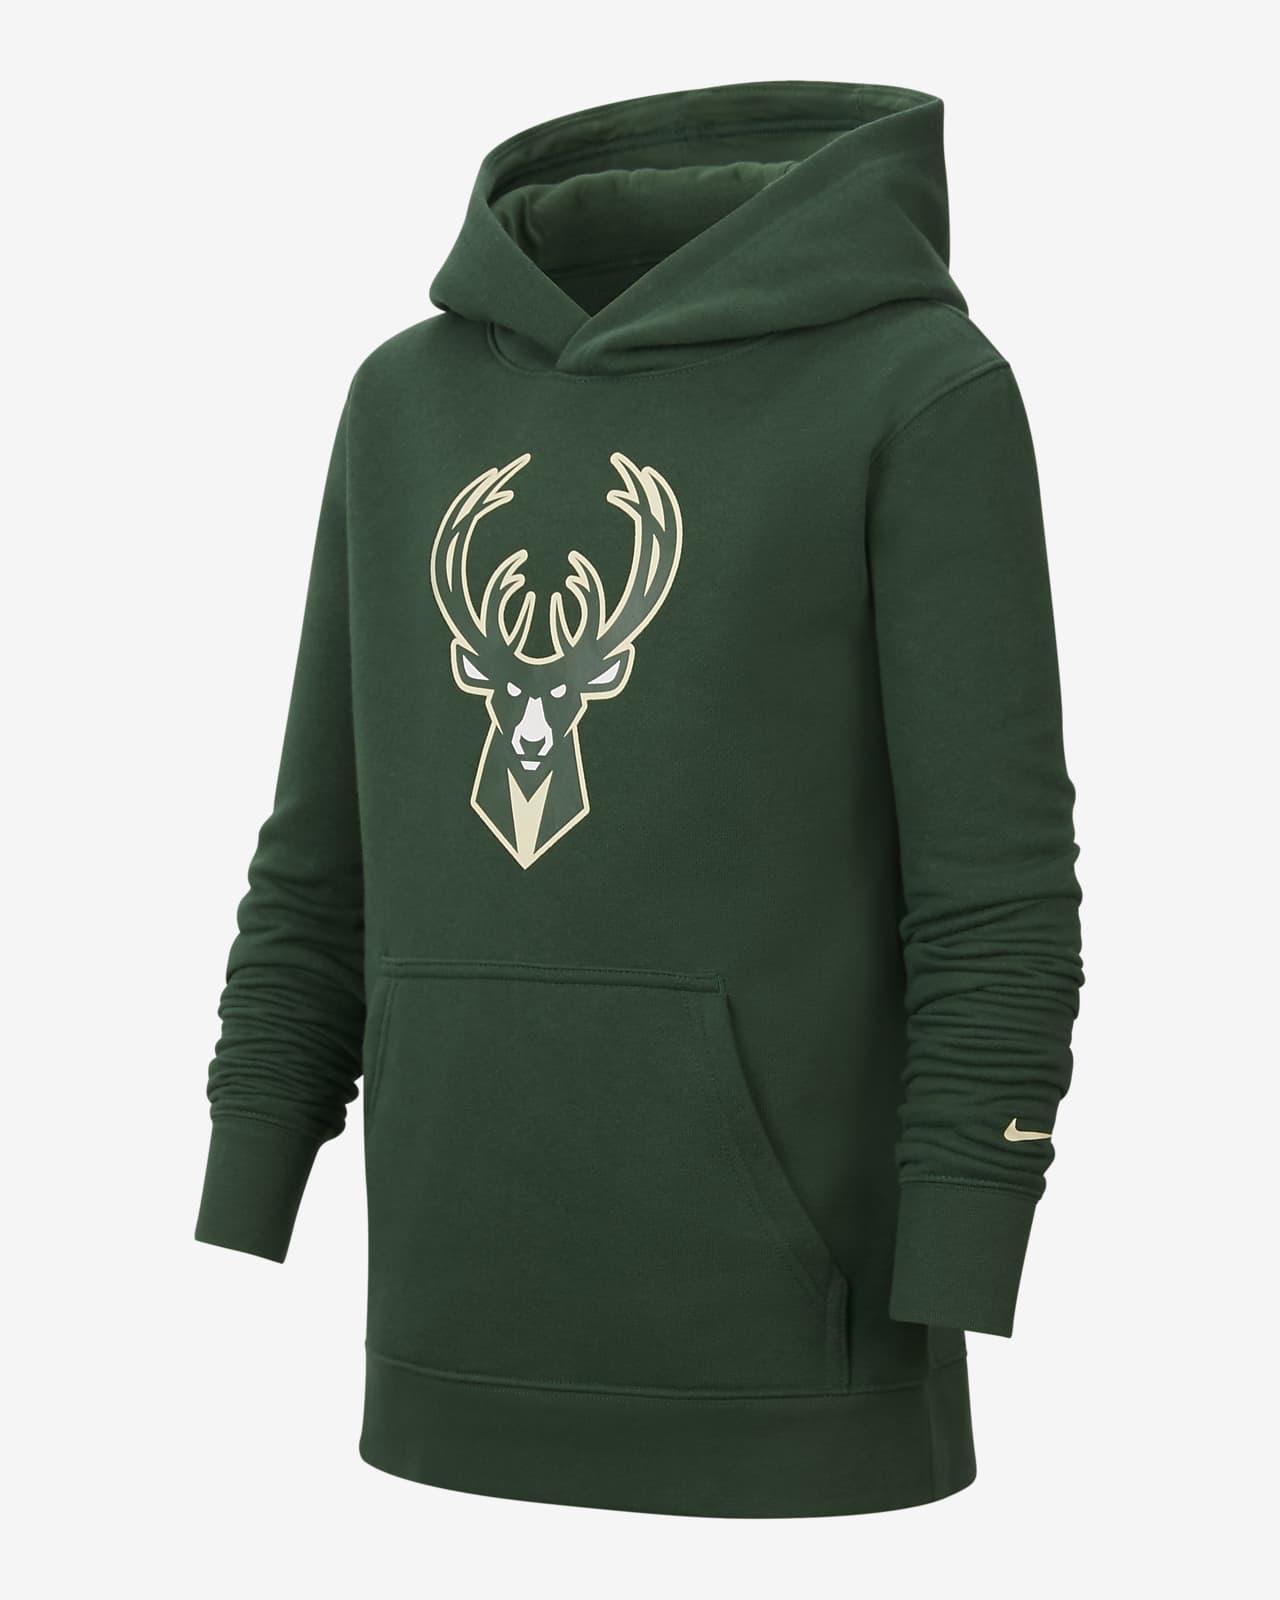 Milwaukee Bucks Essential Older Kids' Nike NBA Pullover Hoodie